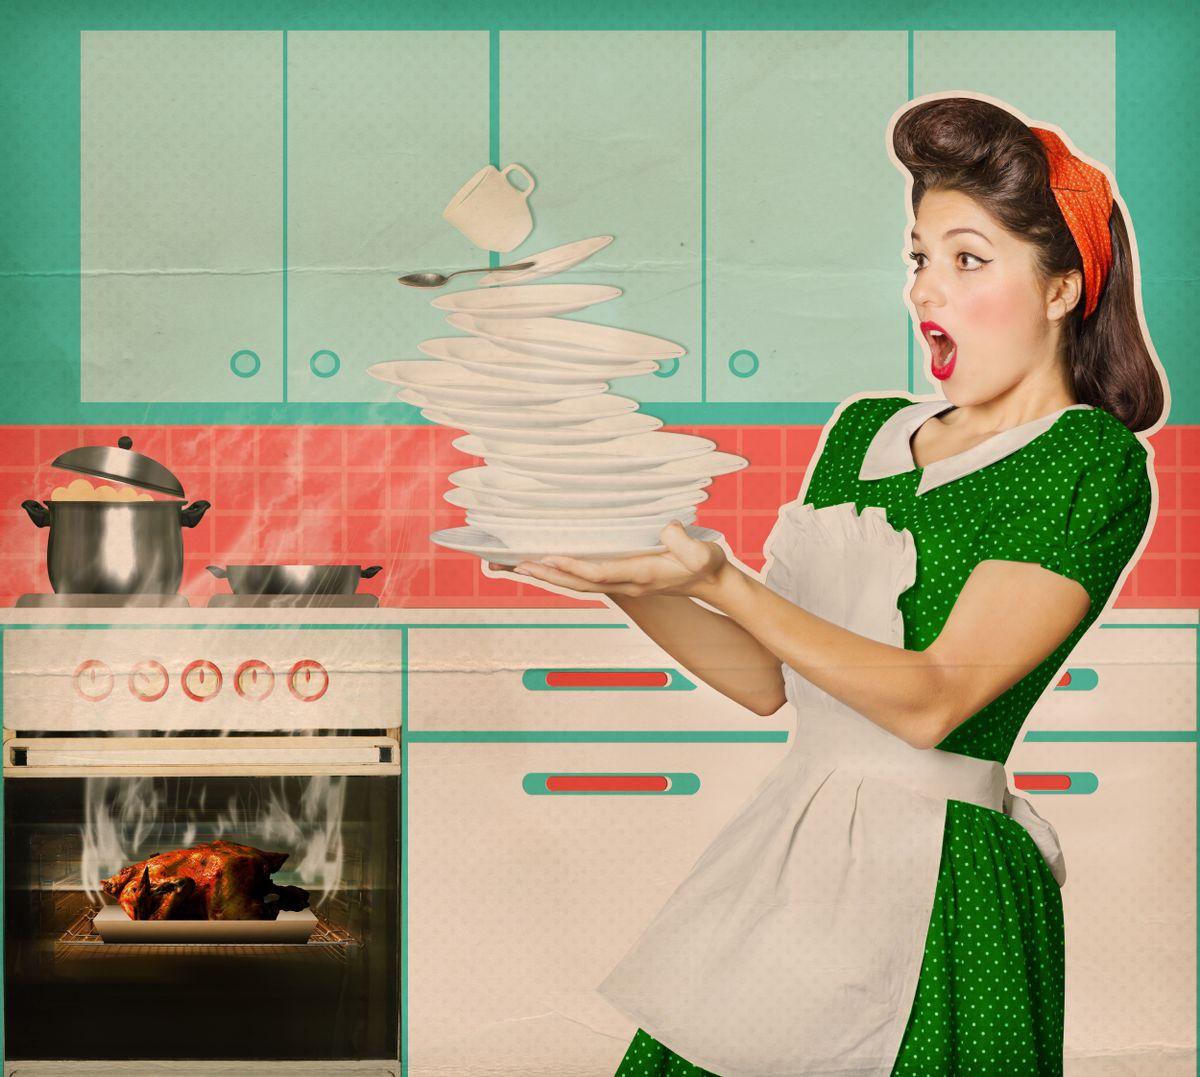 (<a href='http://www.shutterstock.com/gallery-225001p1.html'>Tancha</a> via <a href='http://www.shutterstock.com/'>Shutterstock</a>)